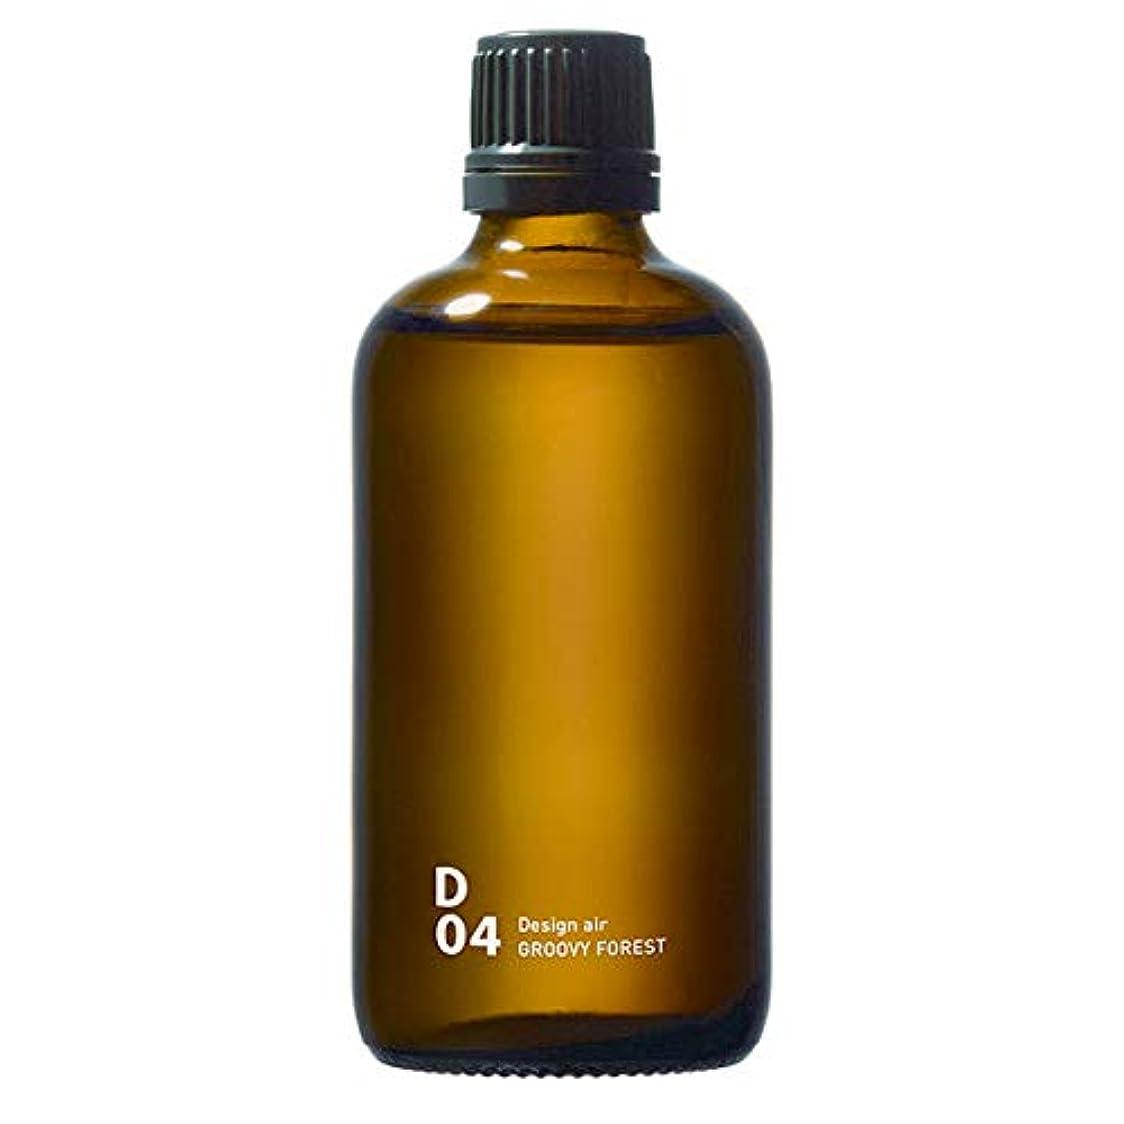 文房具カフェ予算D04 GROOVY FOREST piezo aroma oil 100ml